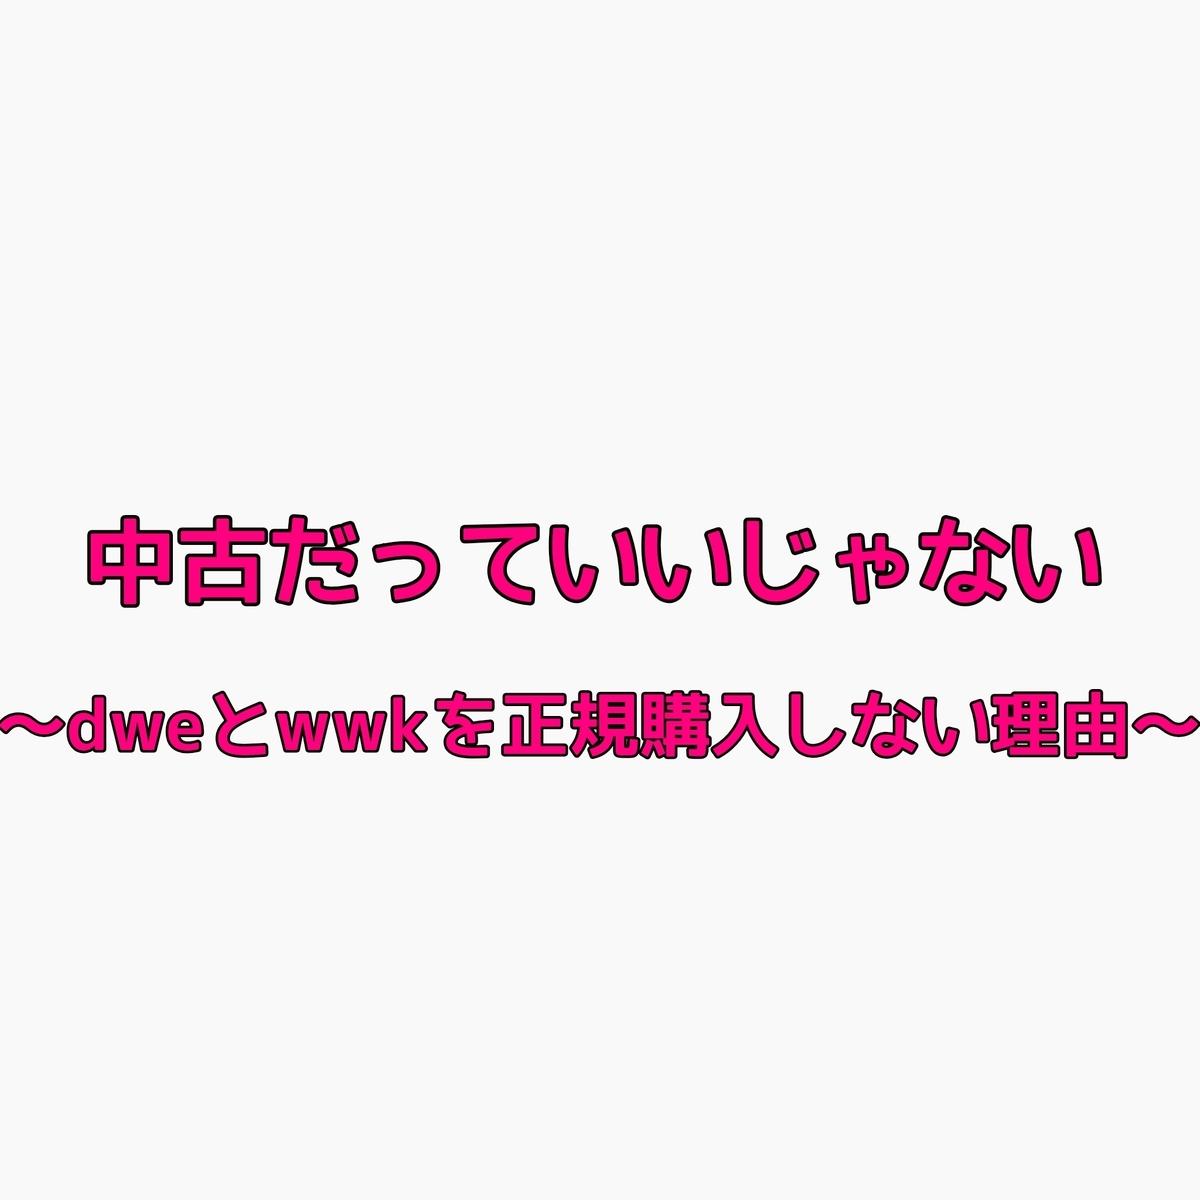 f:id:beloved26:20201004095537j:plain